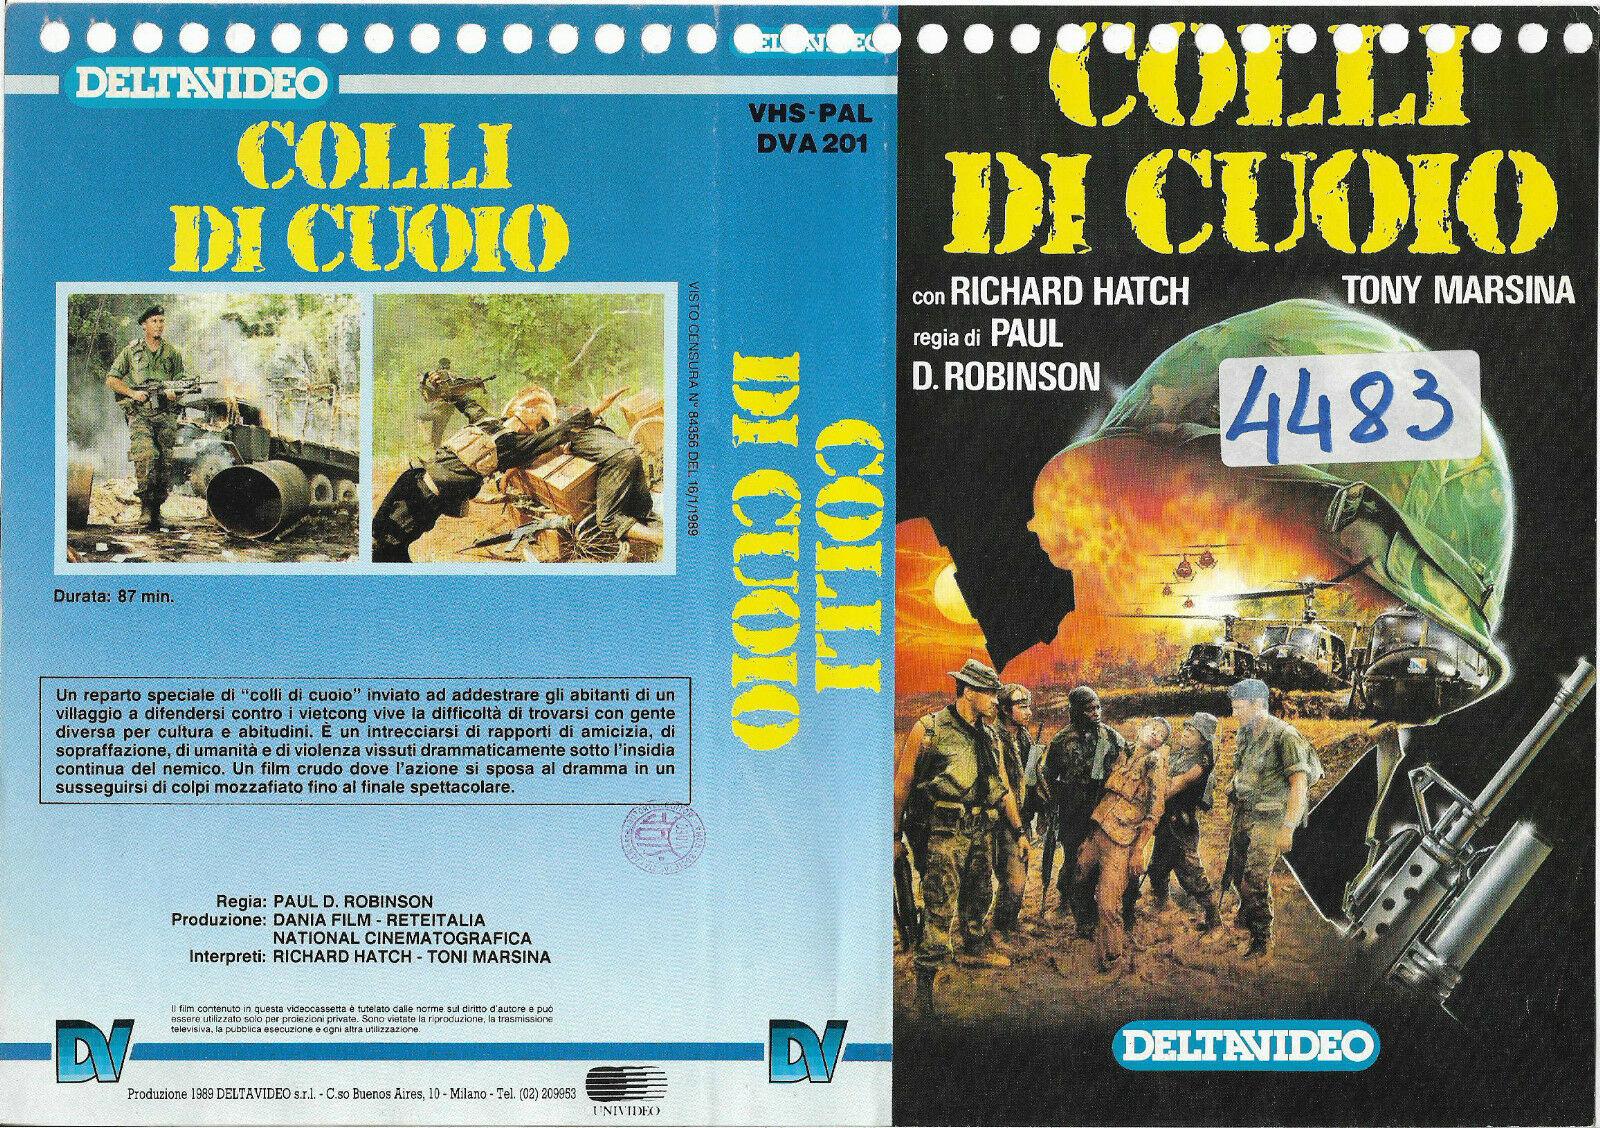 Colli di cuoio (1989)